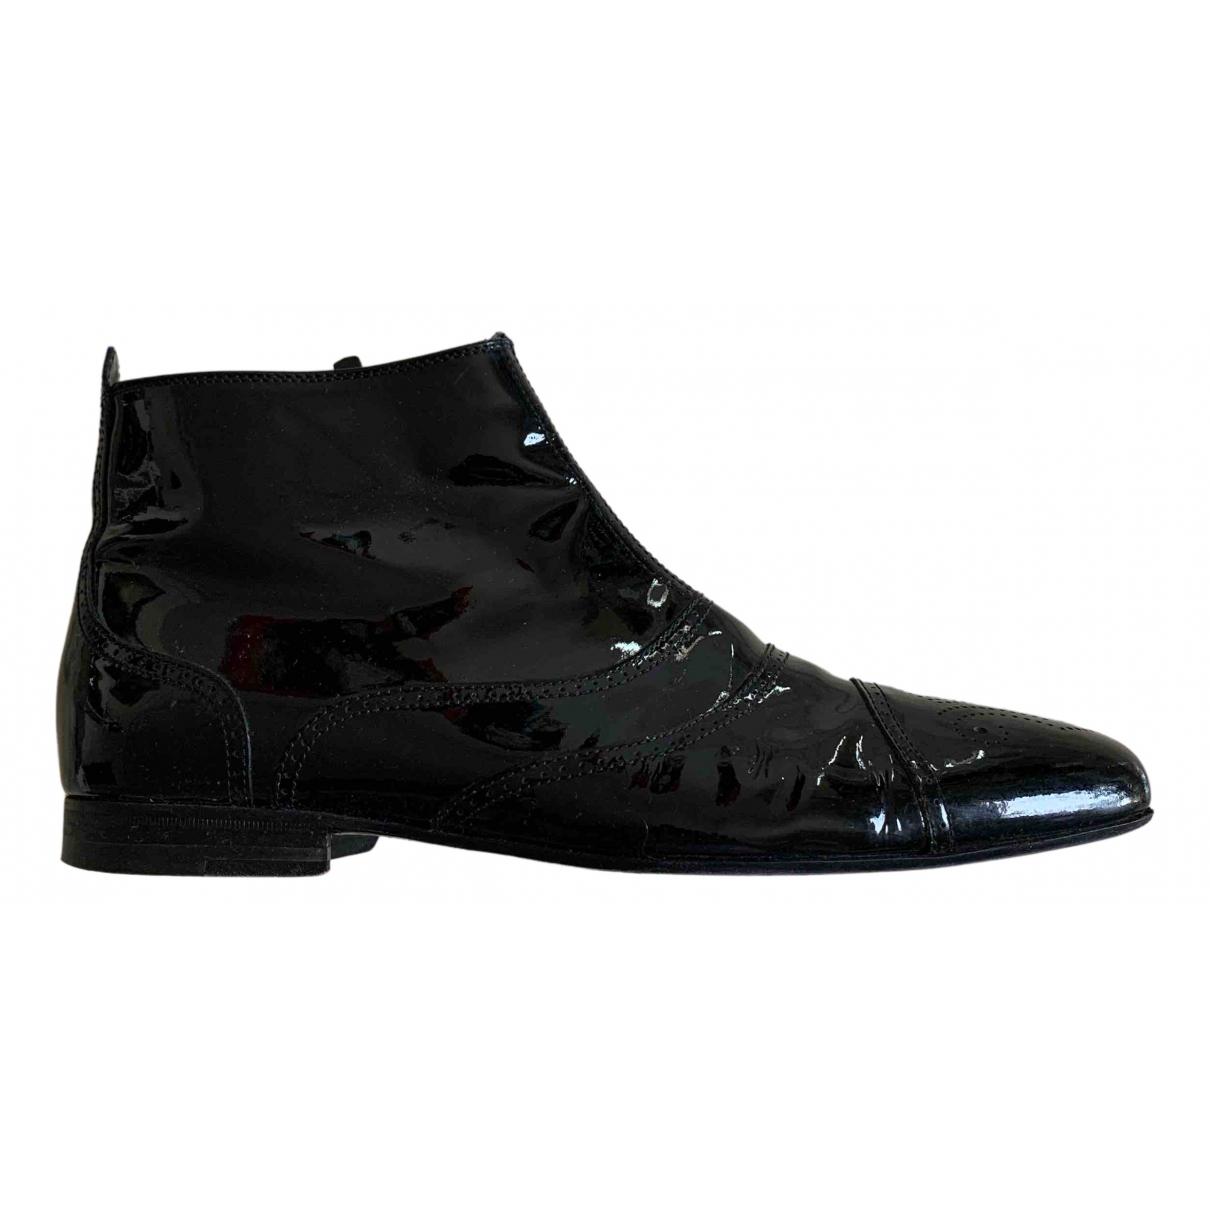 Bottega Veneta N Black Patent leather Boots for Men 42.5 EU